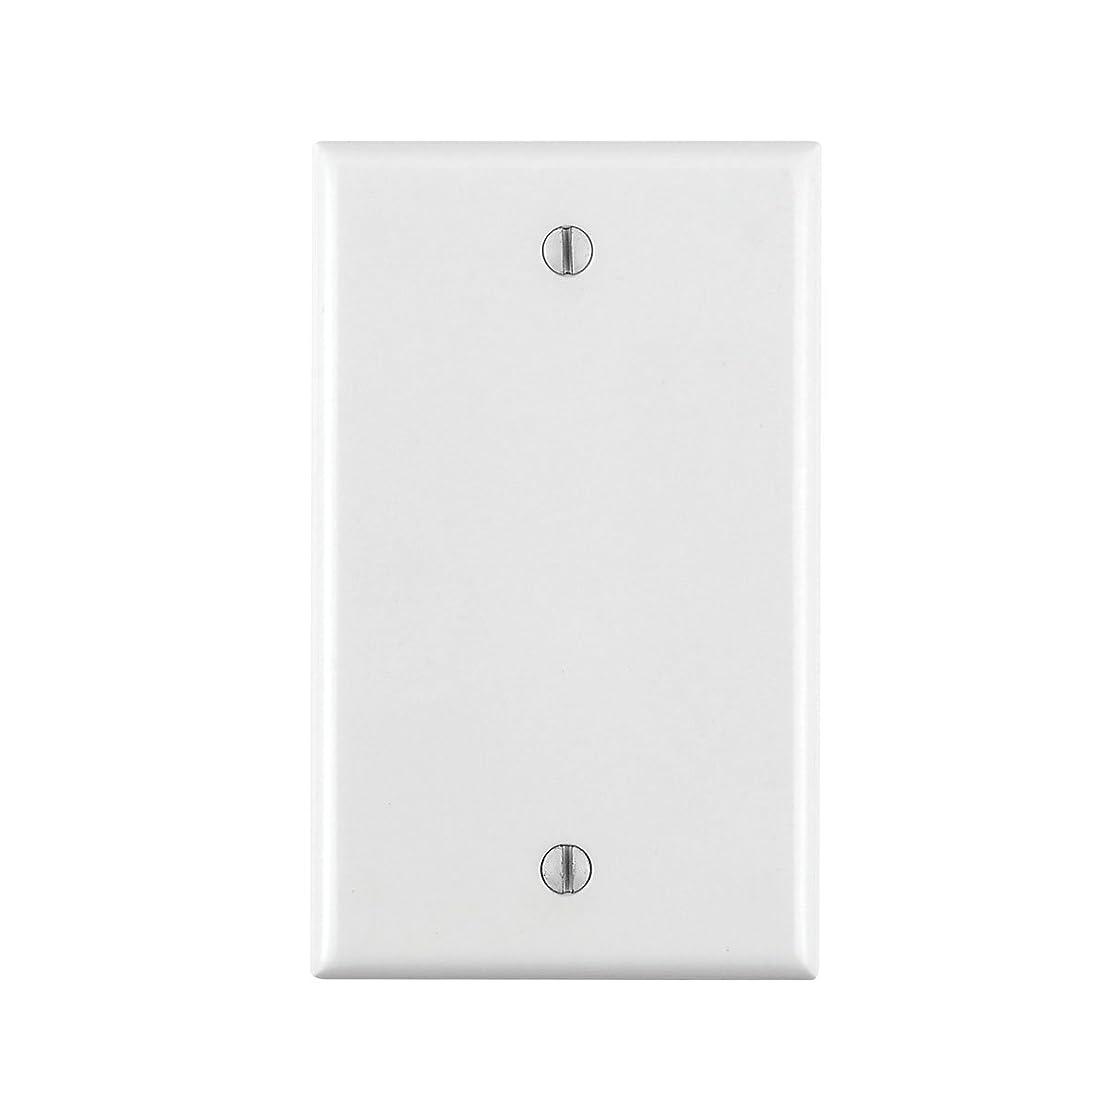 パンお尻歩き回るLeviton 88014?1-gang noデバイス空白Wallplate、標準サイズ、熱硬化性樹脂、ボックスマウント、ホワイト(5パック)